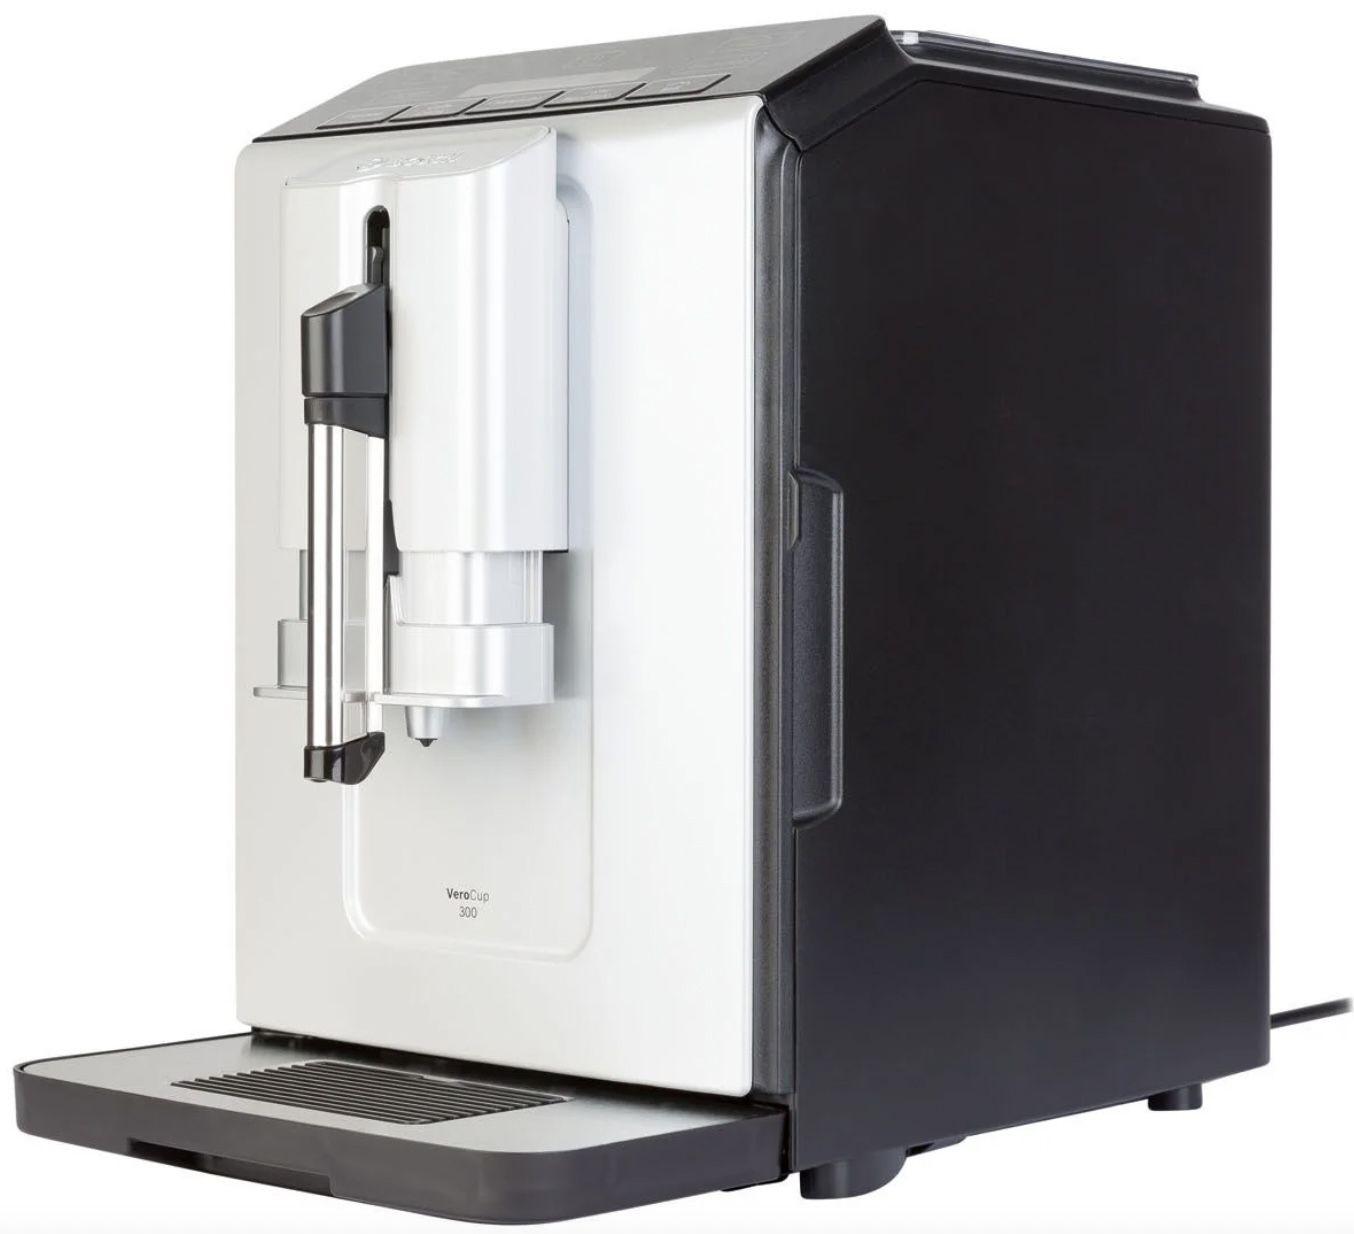 BOSCH Kaffeevollautomat VeroCup 300 TIS30351DE mit OneTouch-Funktion für 399 € (statt 466€)